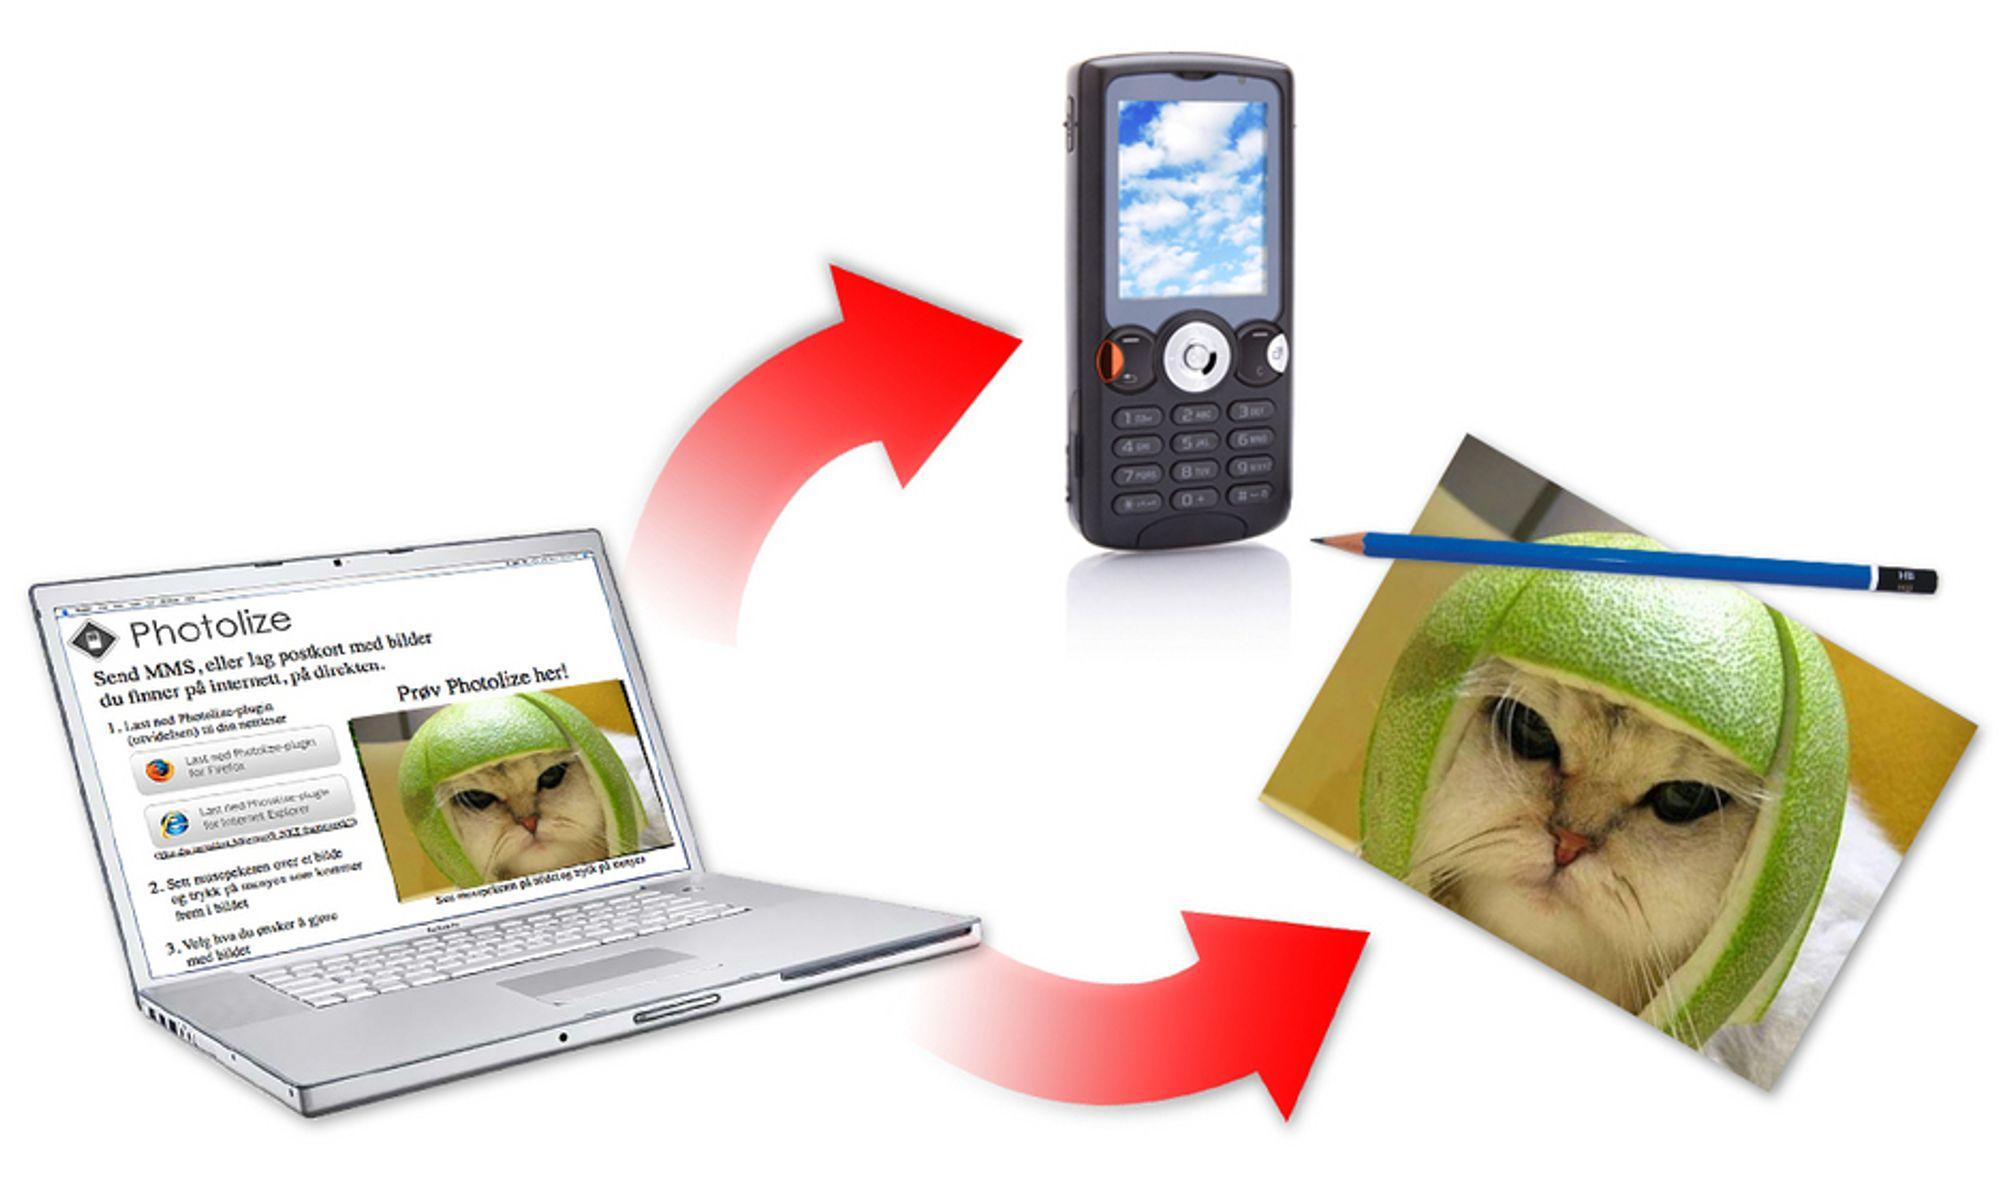 Enklere blir det ikke: Photolize lar deg raskt overføre bilder fra nettleser til din eller andres mobil.